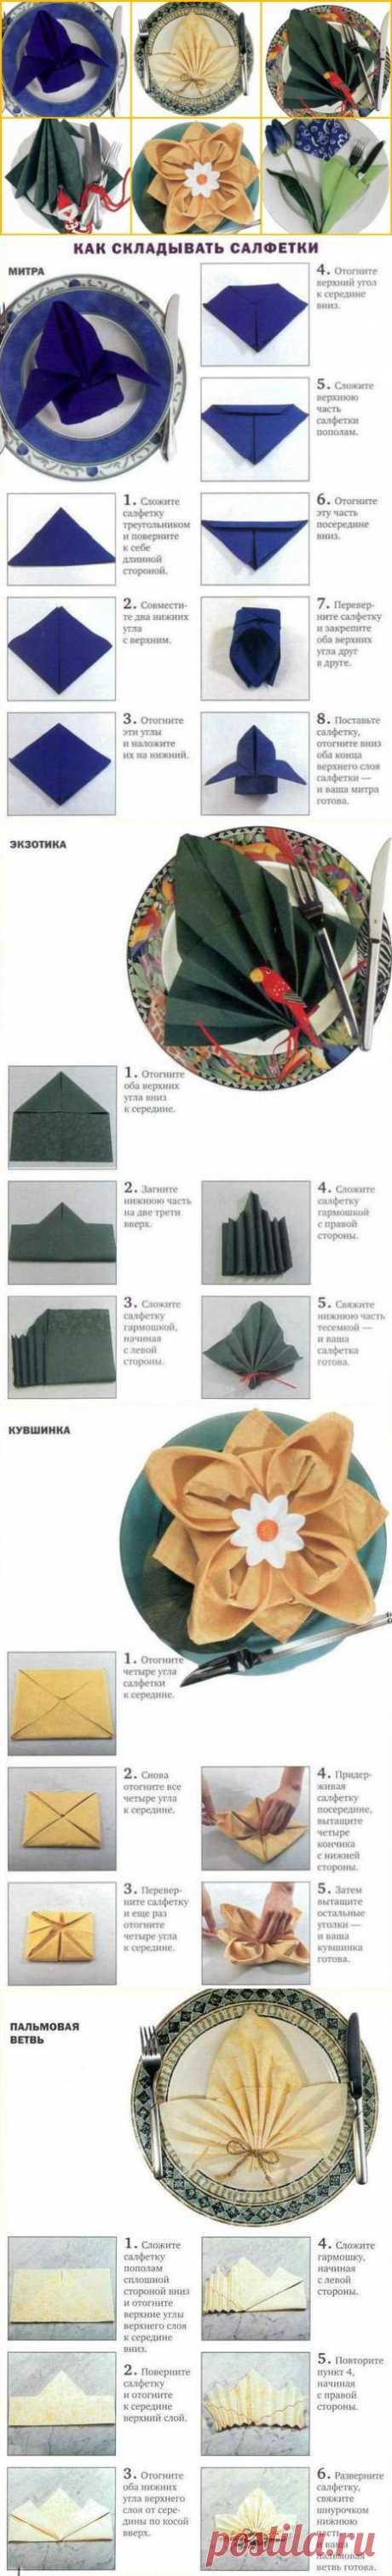 (+1) тема - Складываем салфетки красиво. 6 способов | СВОИМИ РУКАМИ